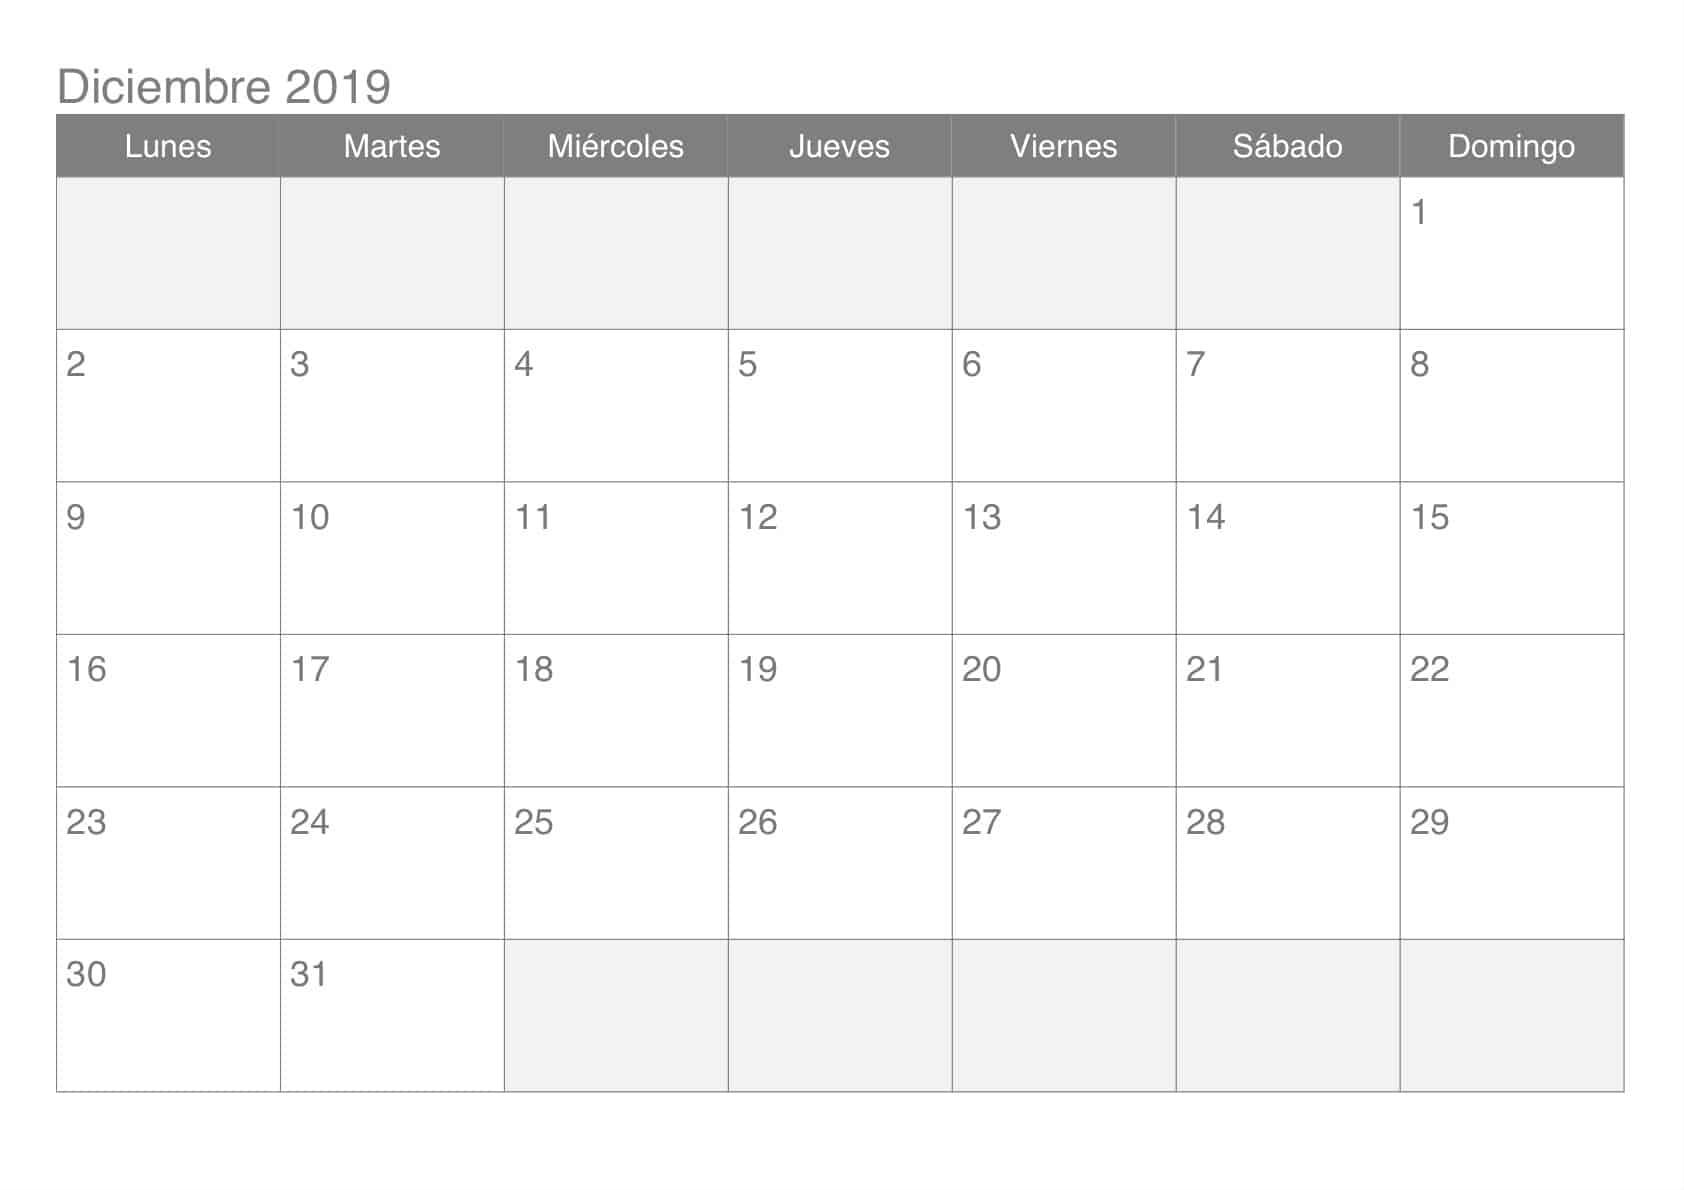 Gratis Calendario Diciembre 2019